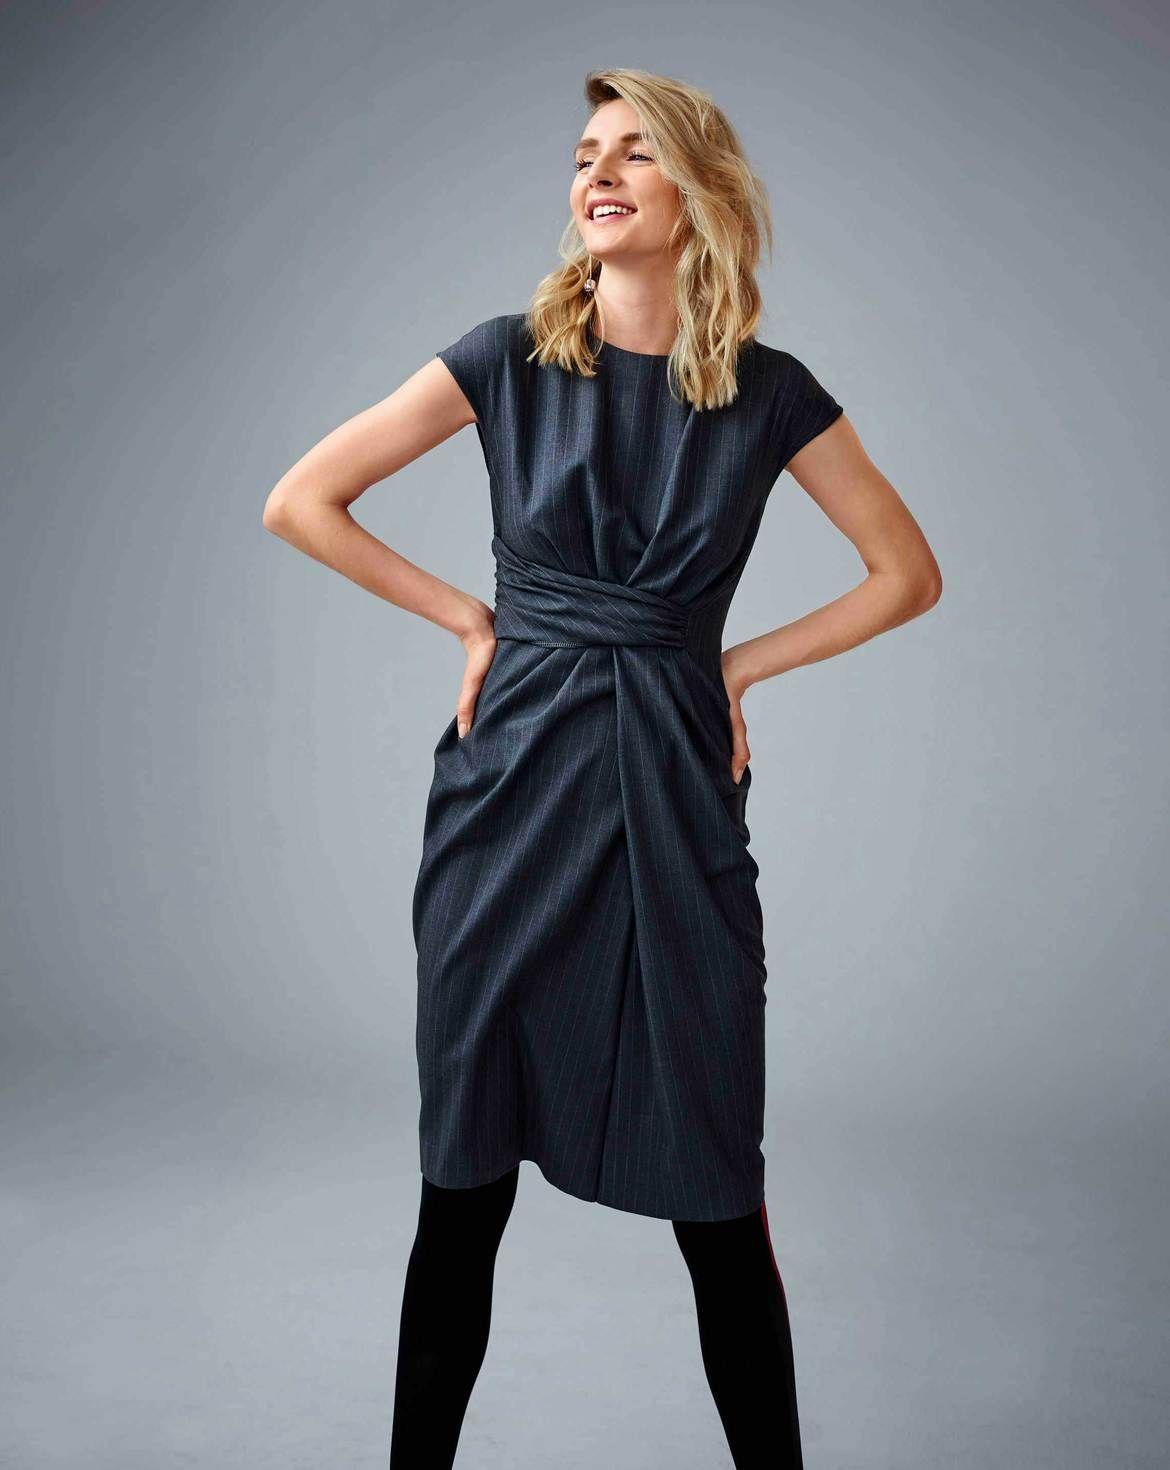 Schnittmuster abendkleid asymmetrisch – Stylische kleider für jeden tag